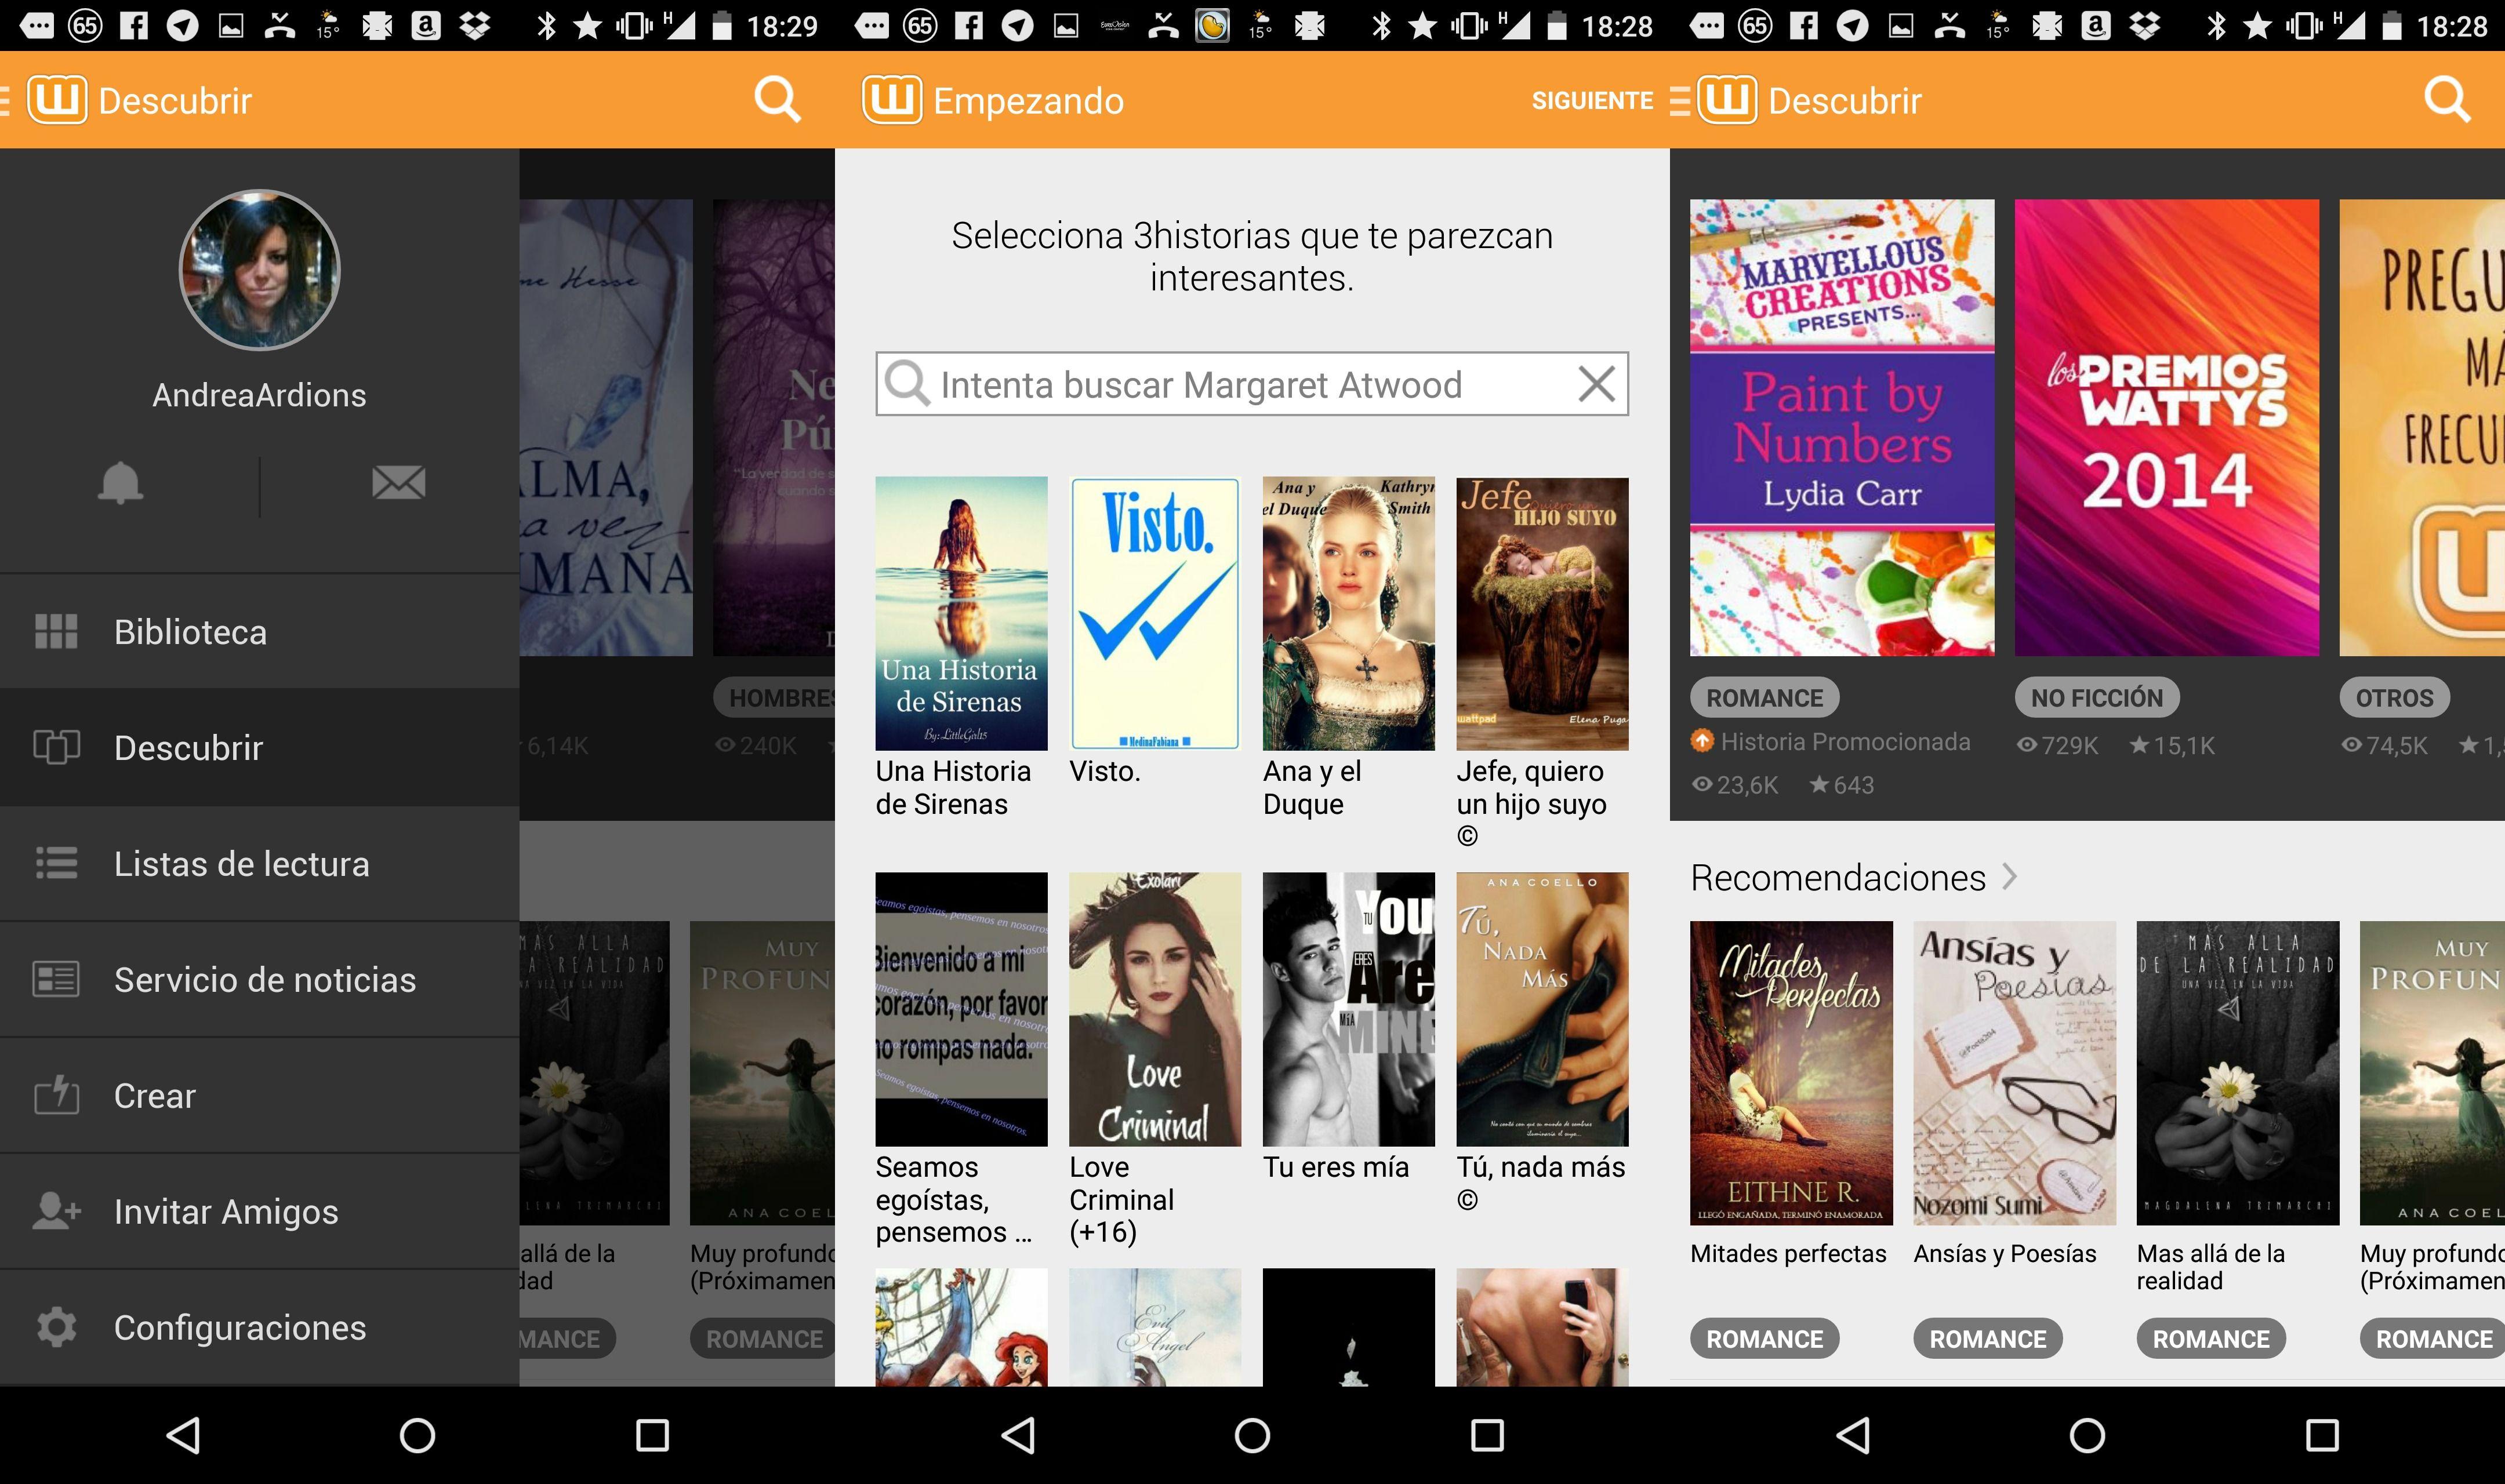 descargar-libros-gratis-android-wattpad